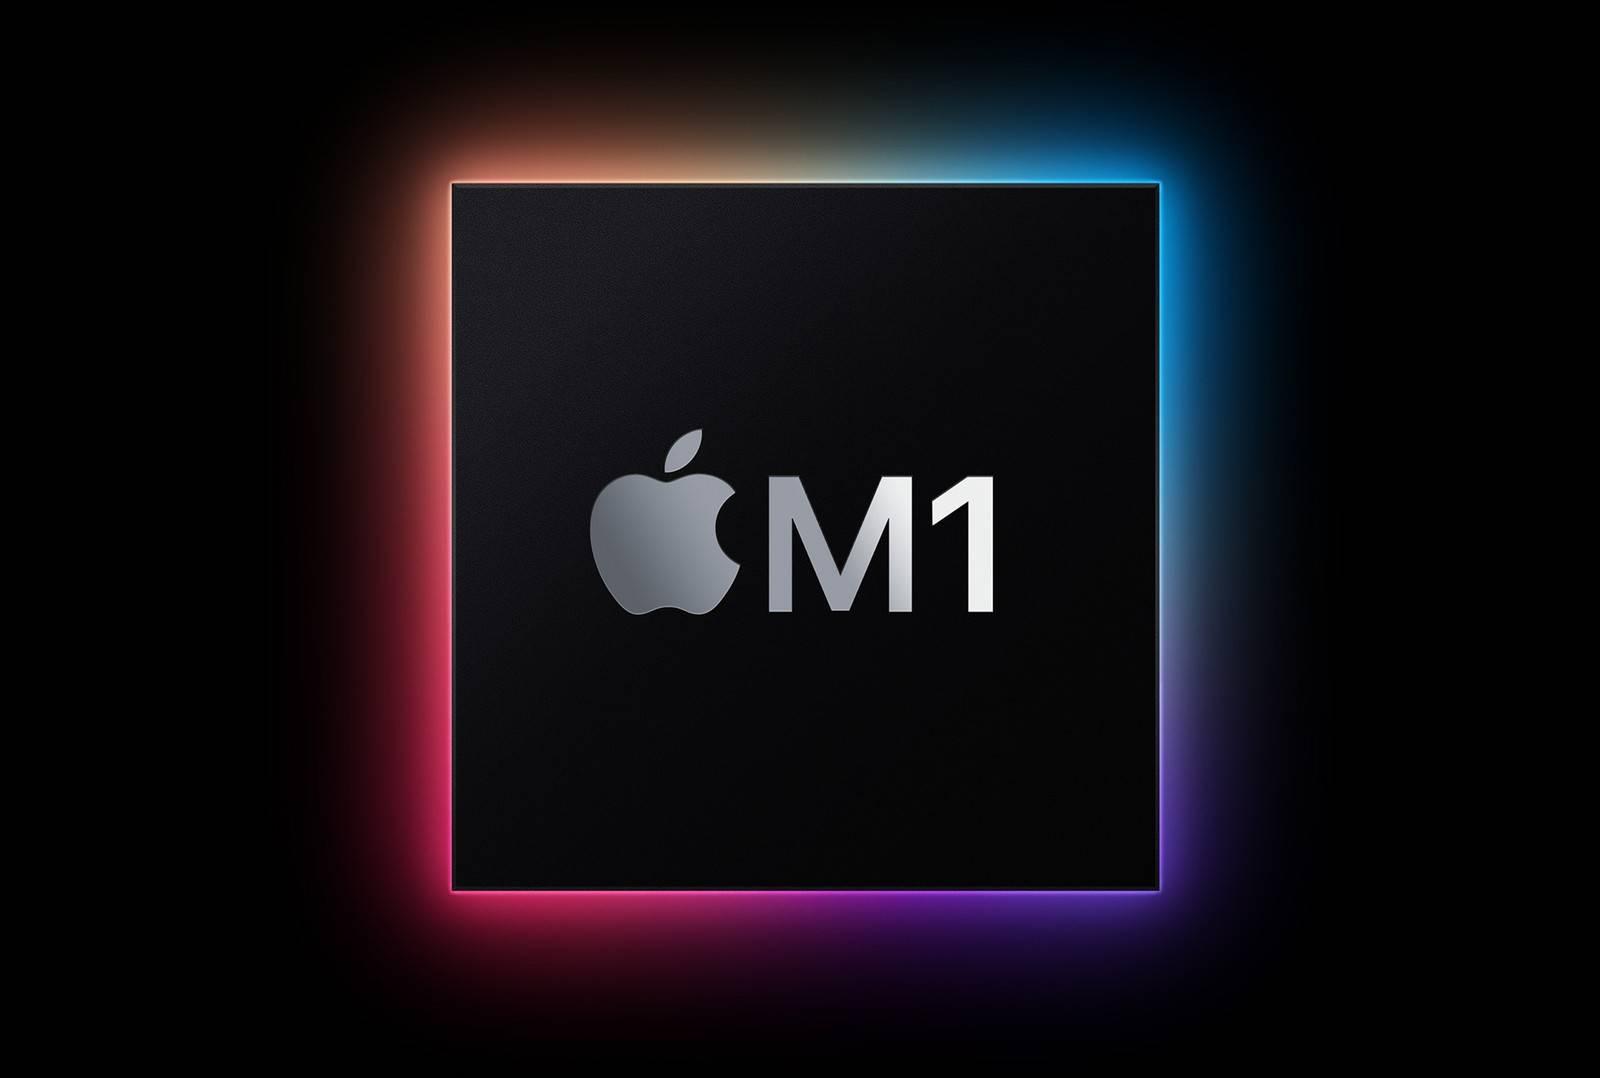 外媒:苹果正致力于解决M1 Mac的蓝牙连接问题